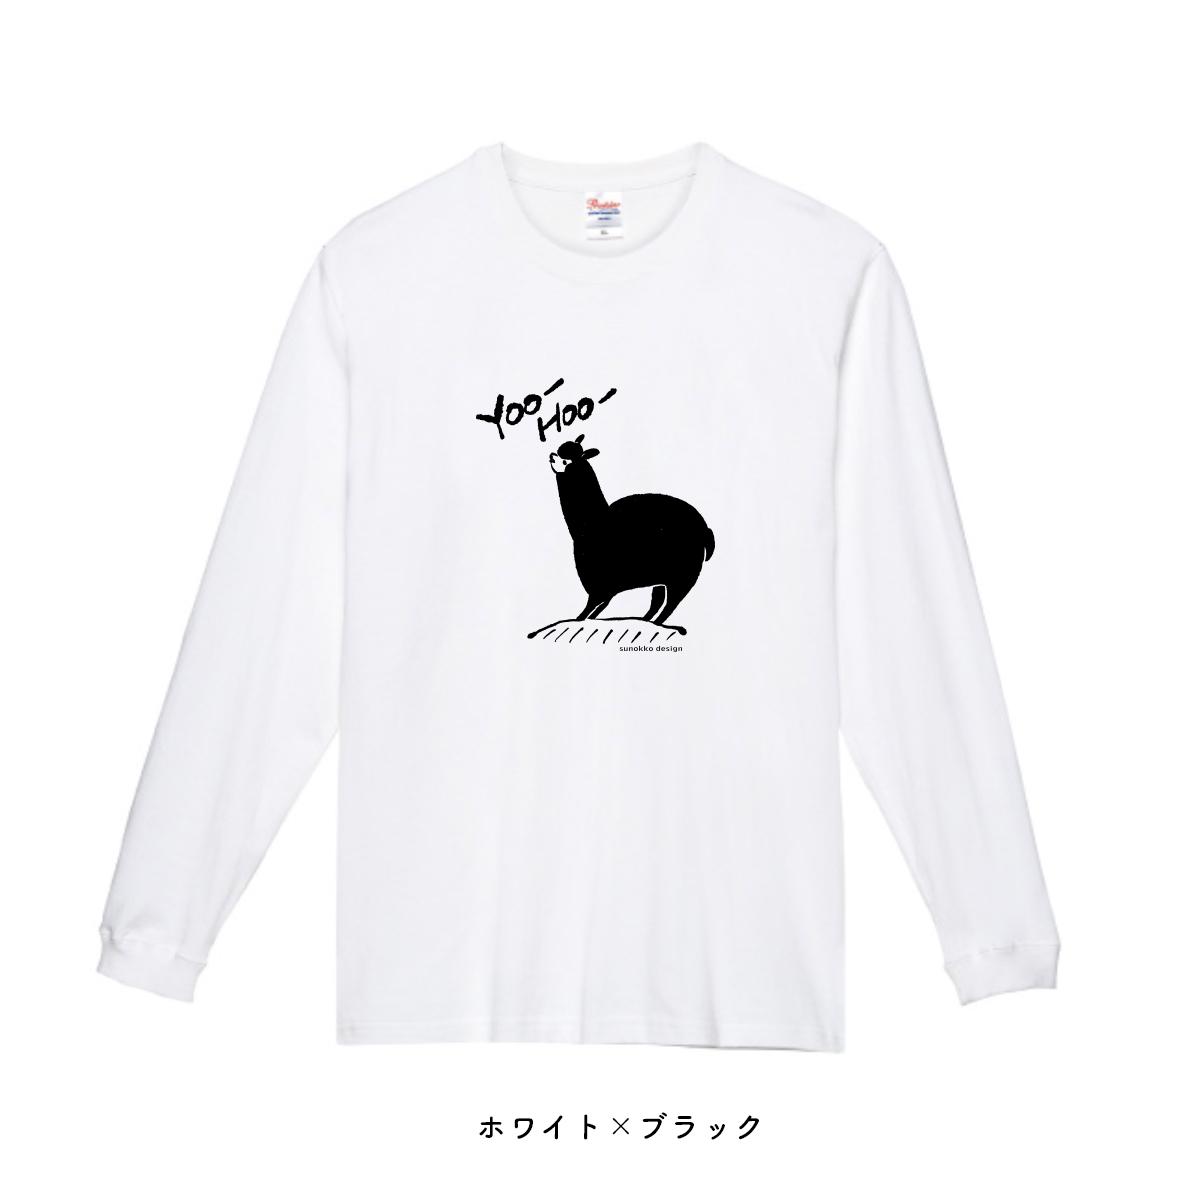 ロングスリーブTシャツ [ヤッホーアルパカ]